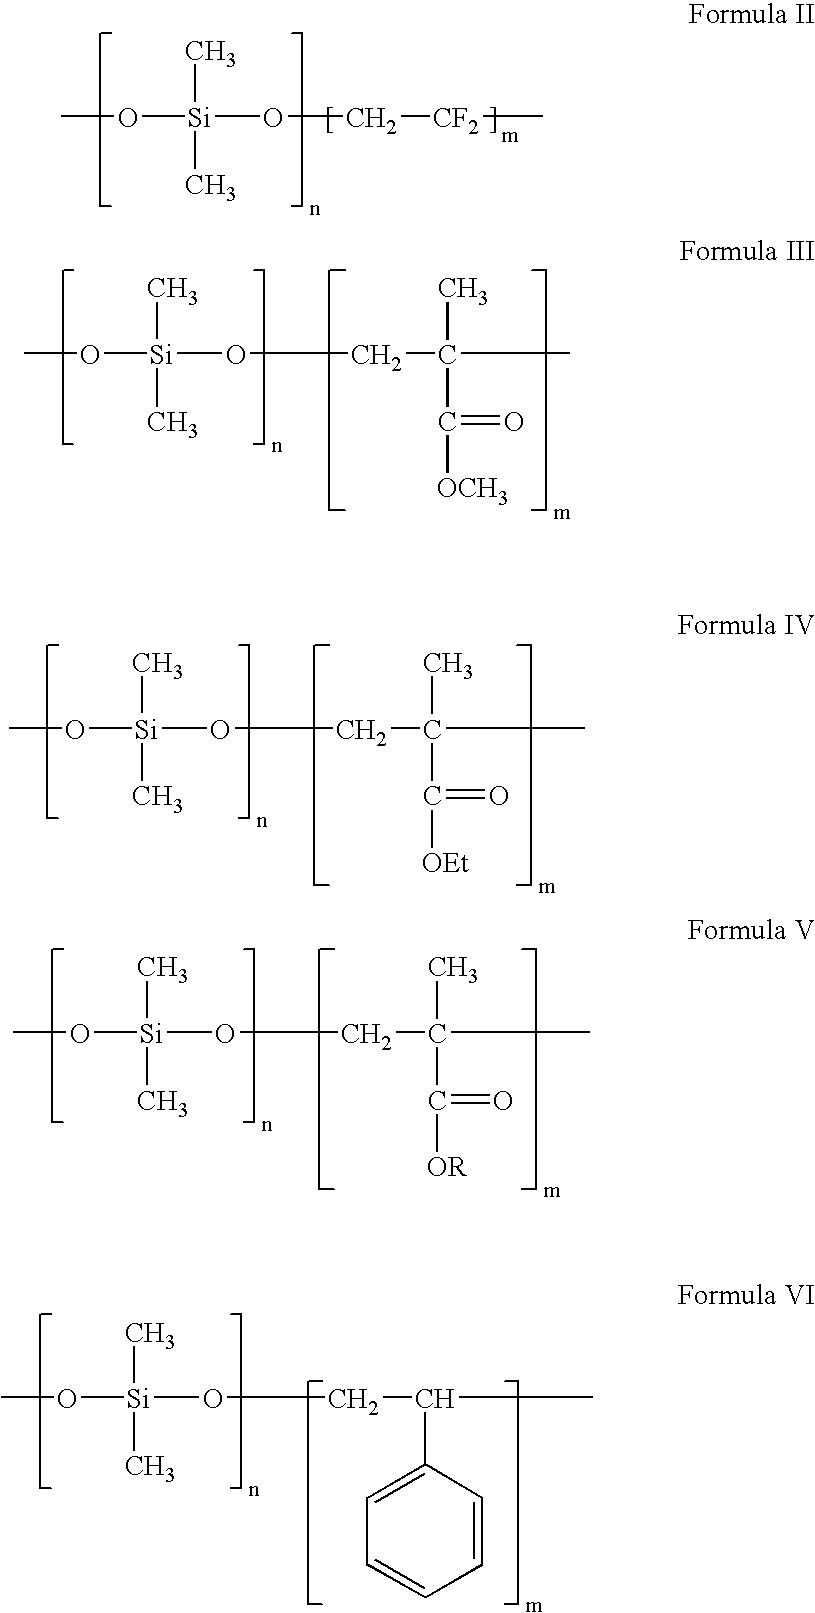 Figure US07494665-20090224-C00003